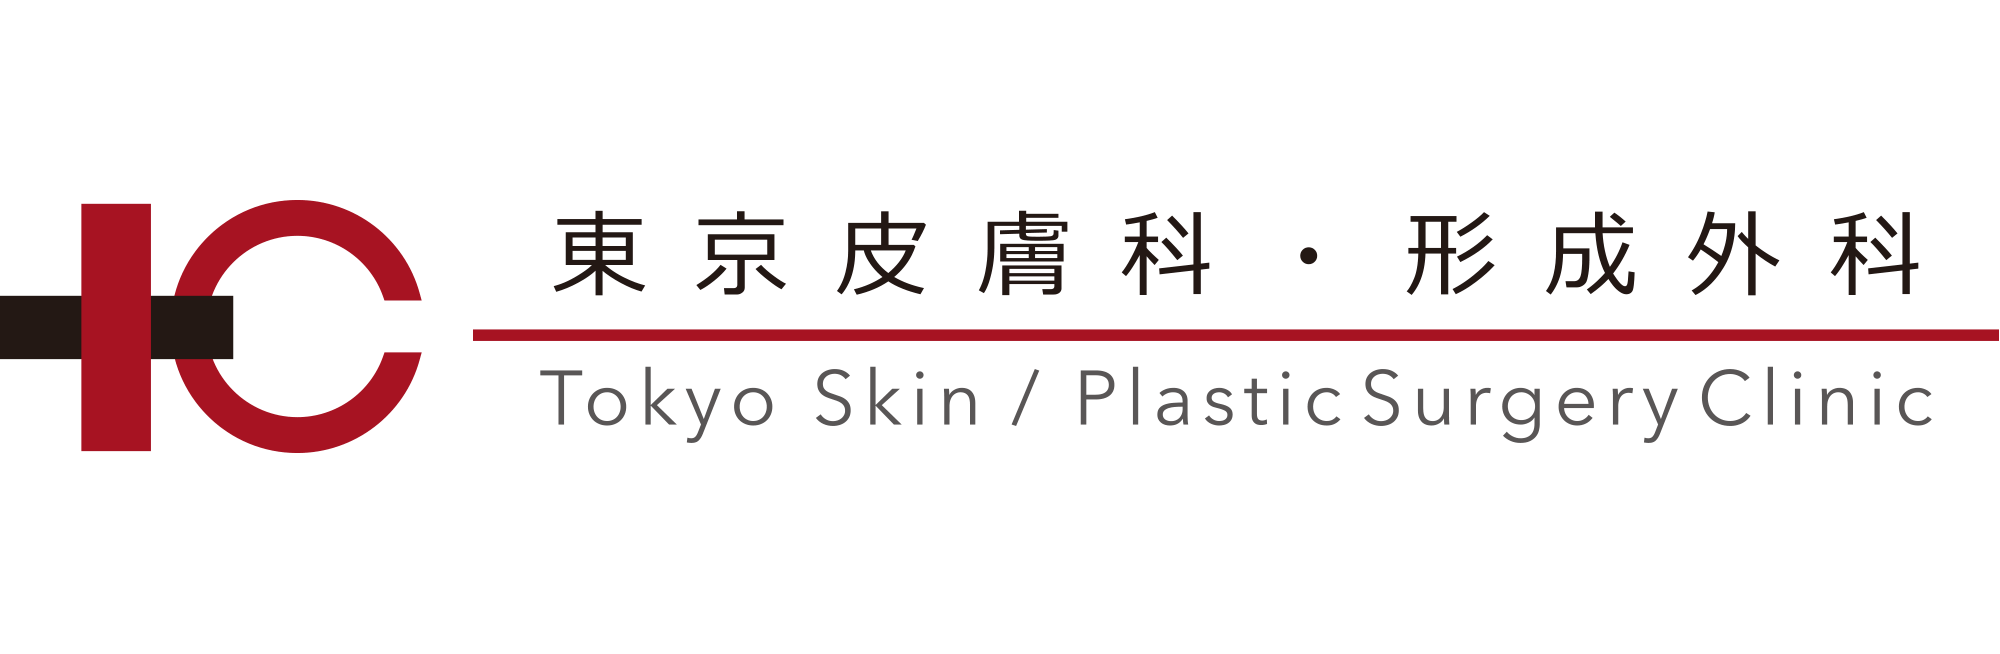 東京皮膚科・形成外科 奥野公成 超皮膚科学